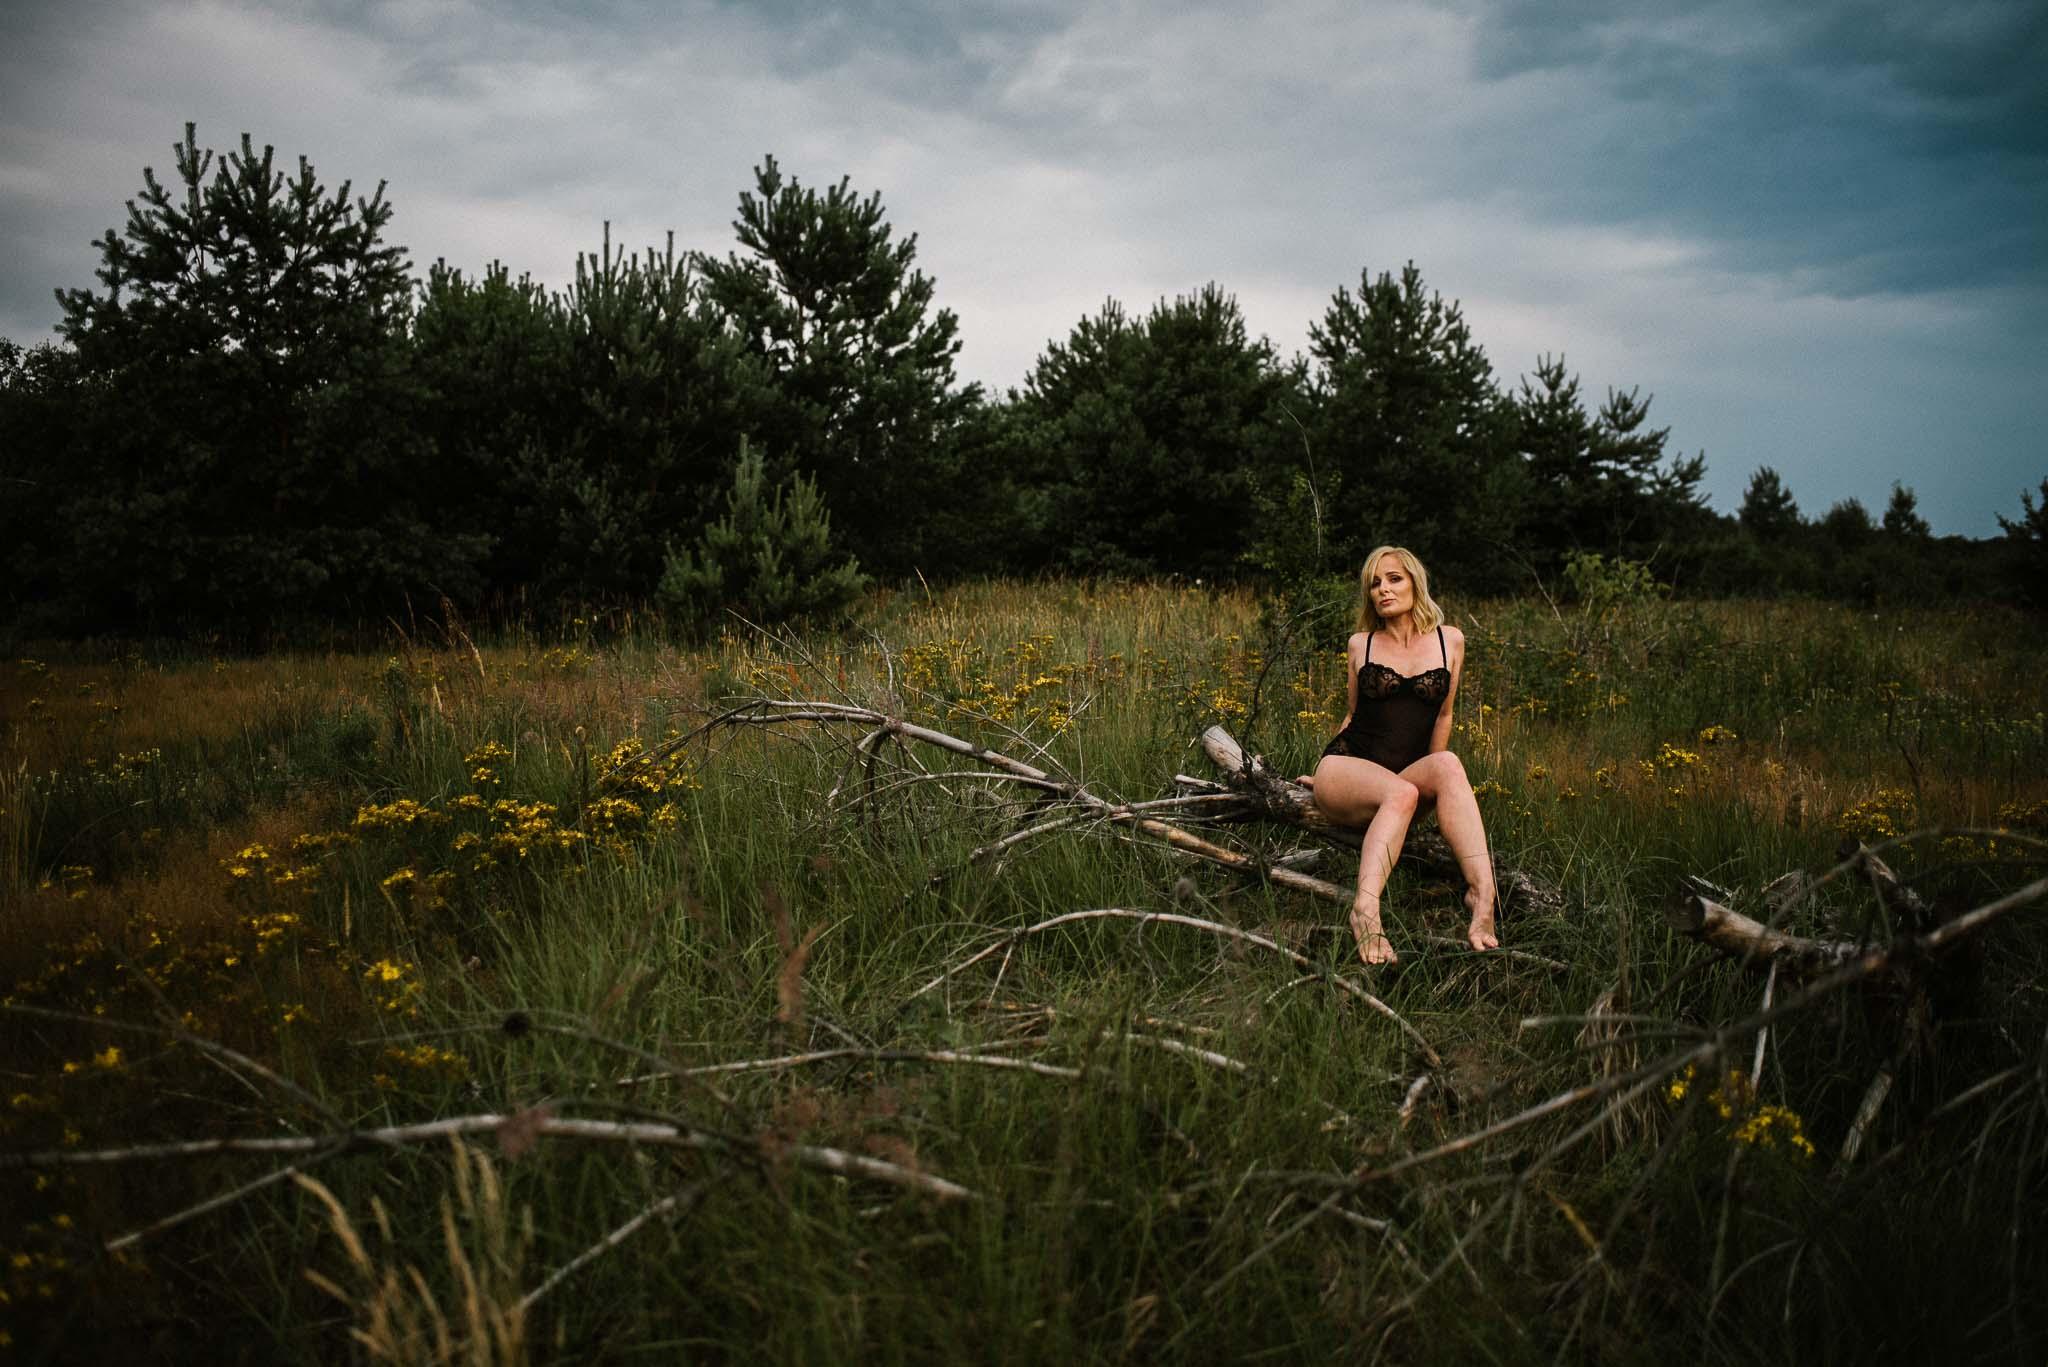 Kobieta siedzi na pniu drzewa na łące w bieliźnie - sesja kobieca sensualna w plenerze Poznań